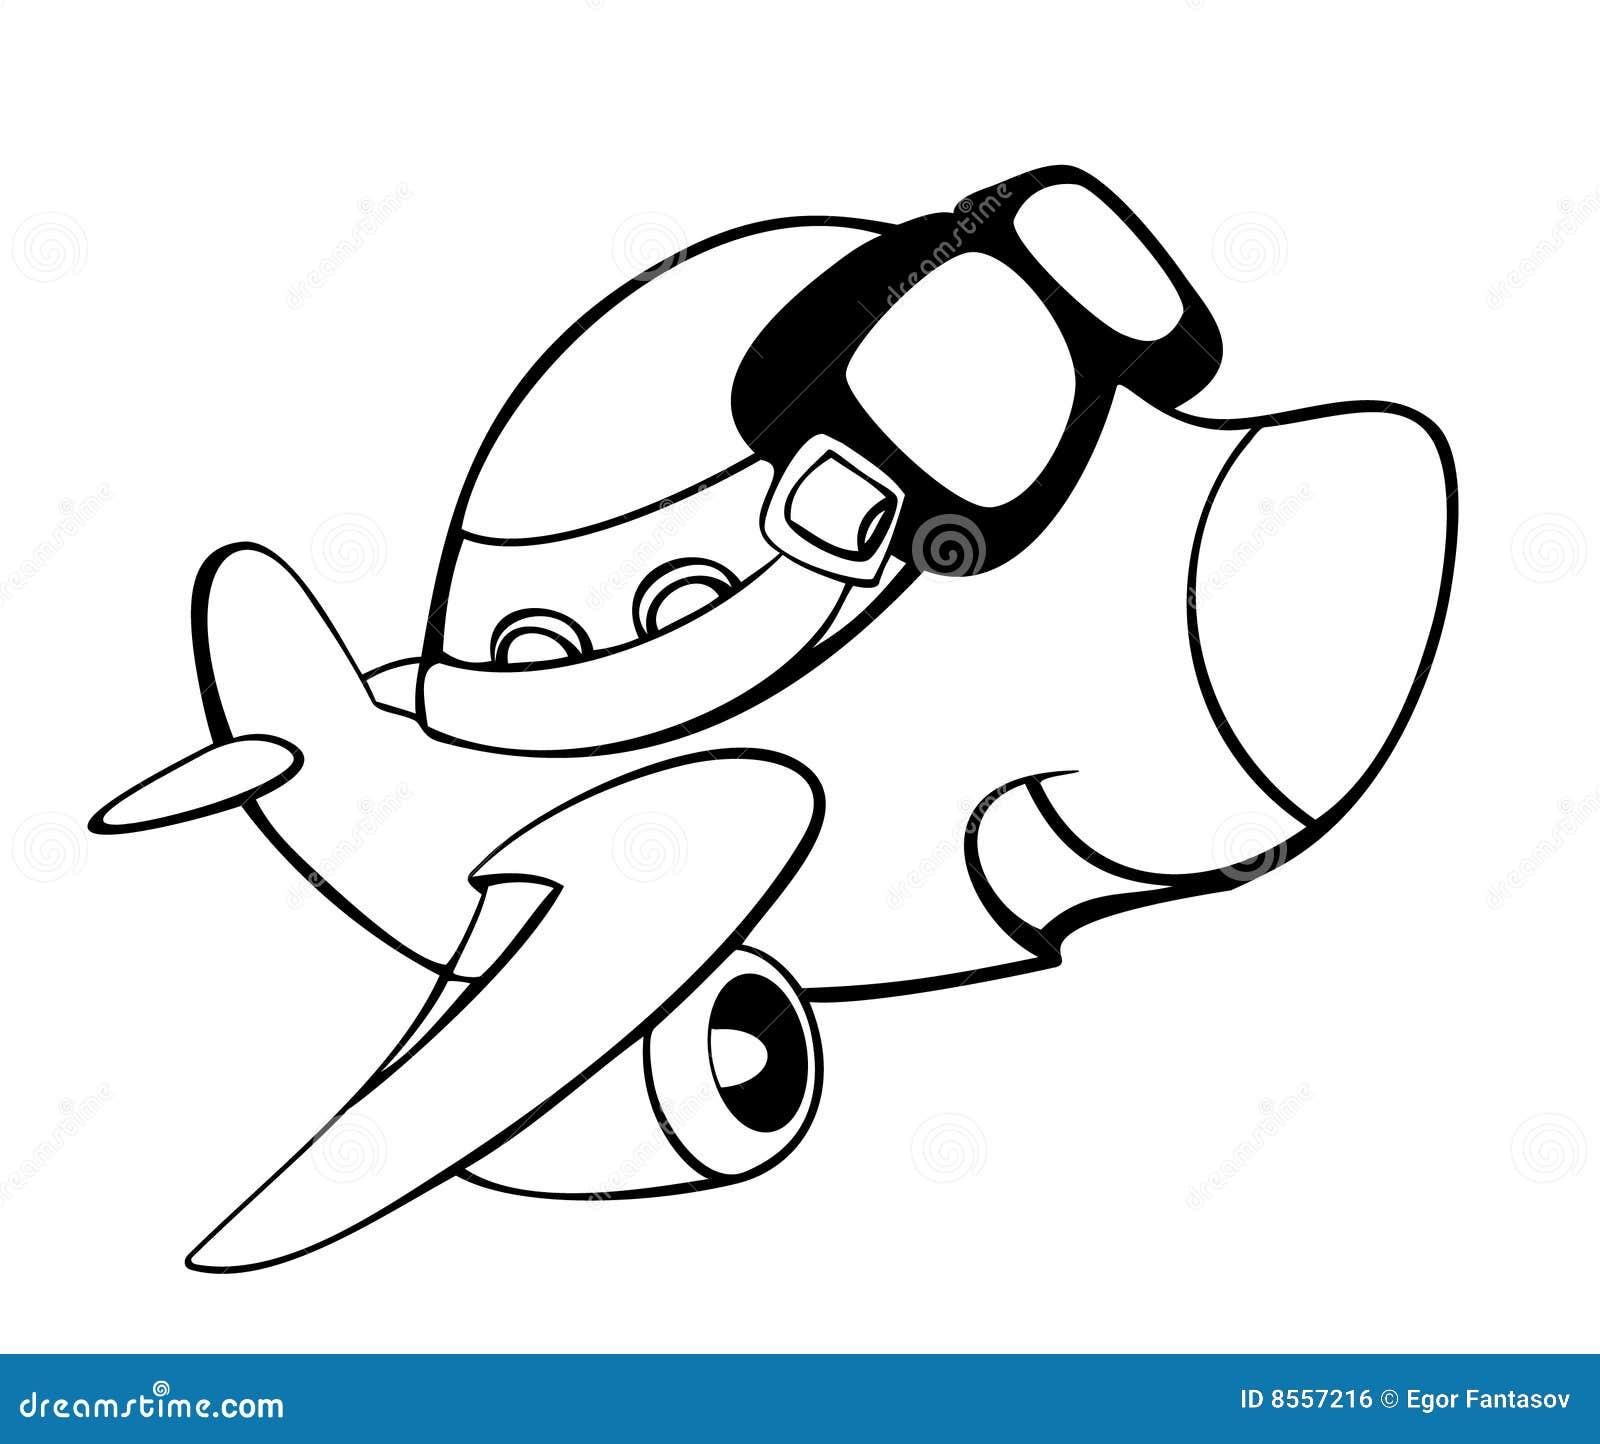 Dessin anim d 39 avion image libre de droits image 8557216 - Avion en dessin ...